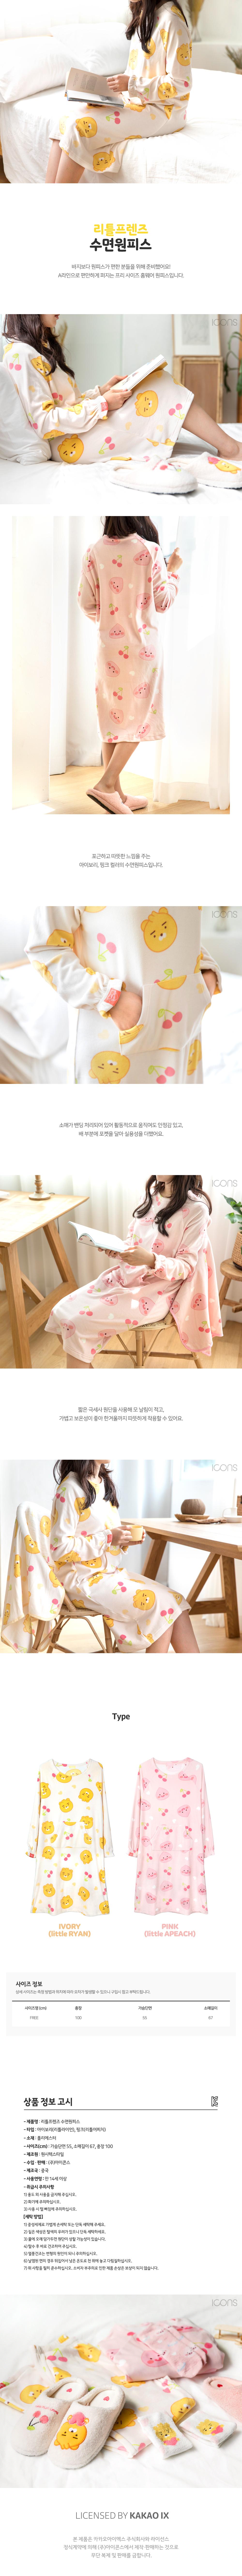 [Kakao Friends, Little Friends] Pajama Dress-holiholic.com